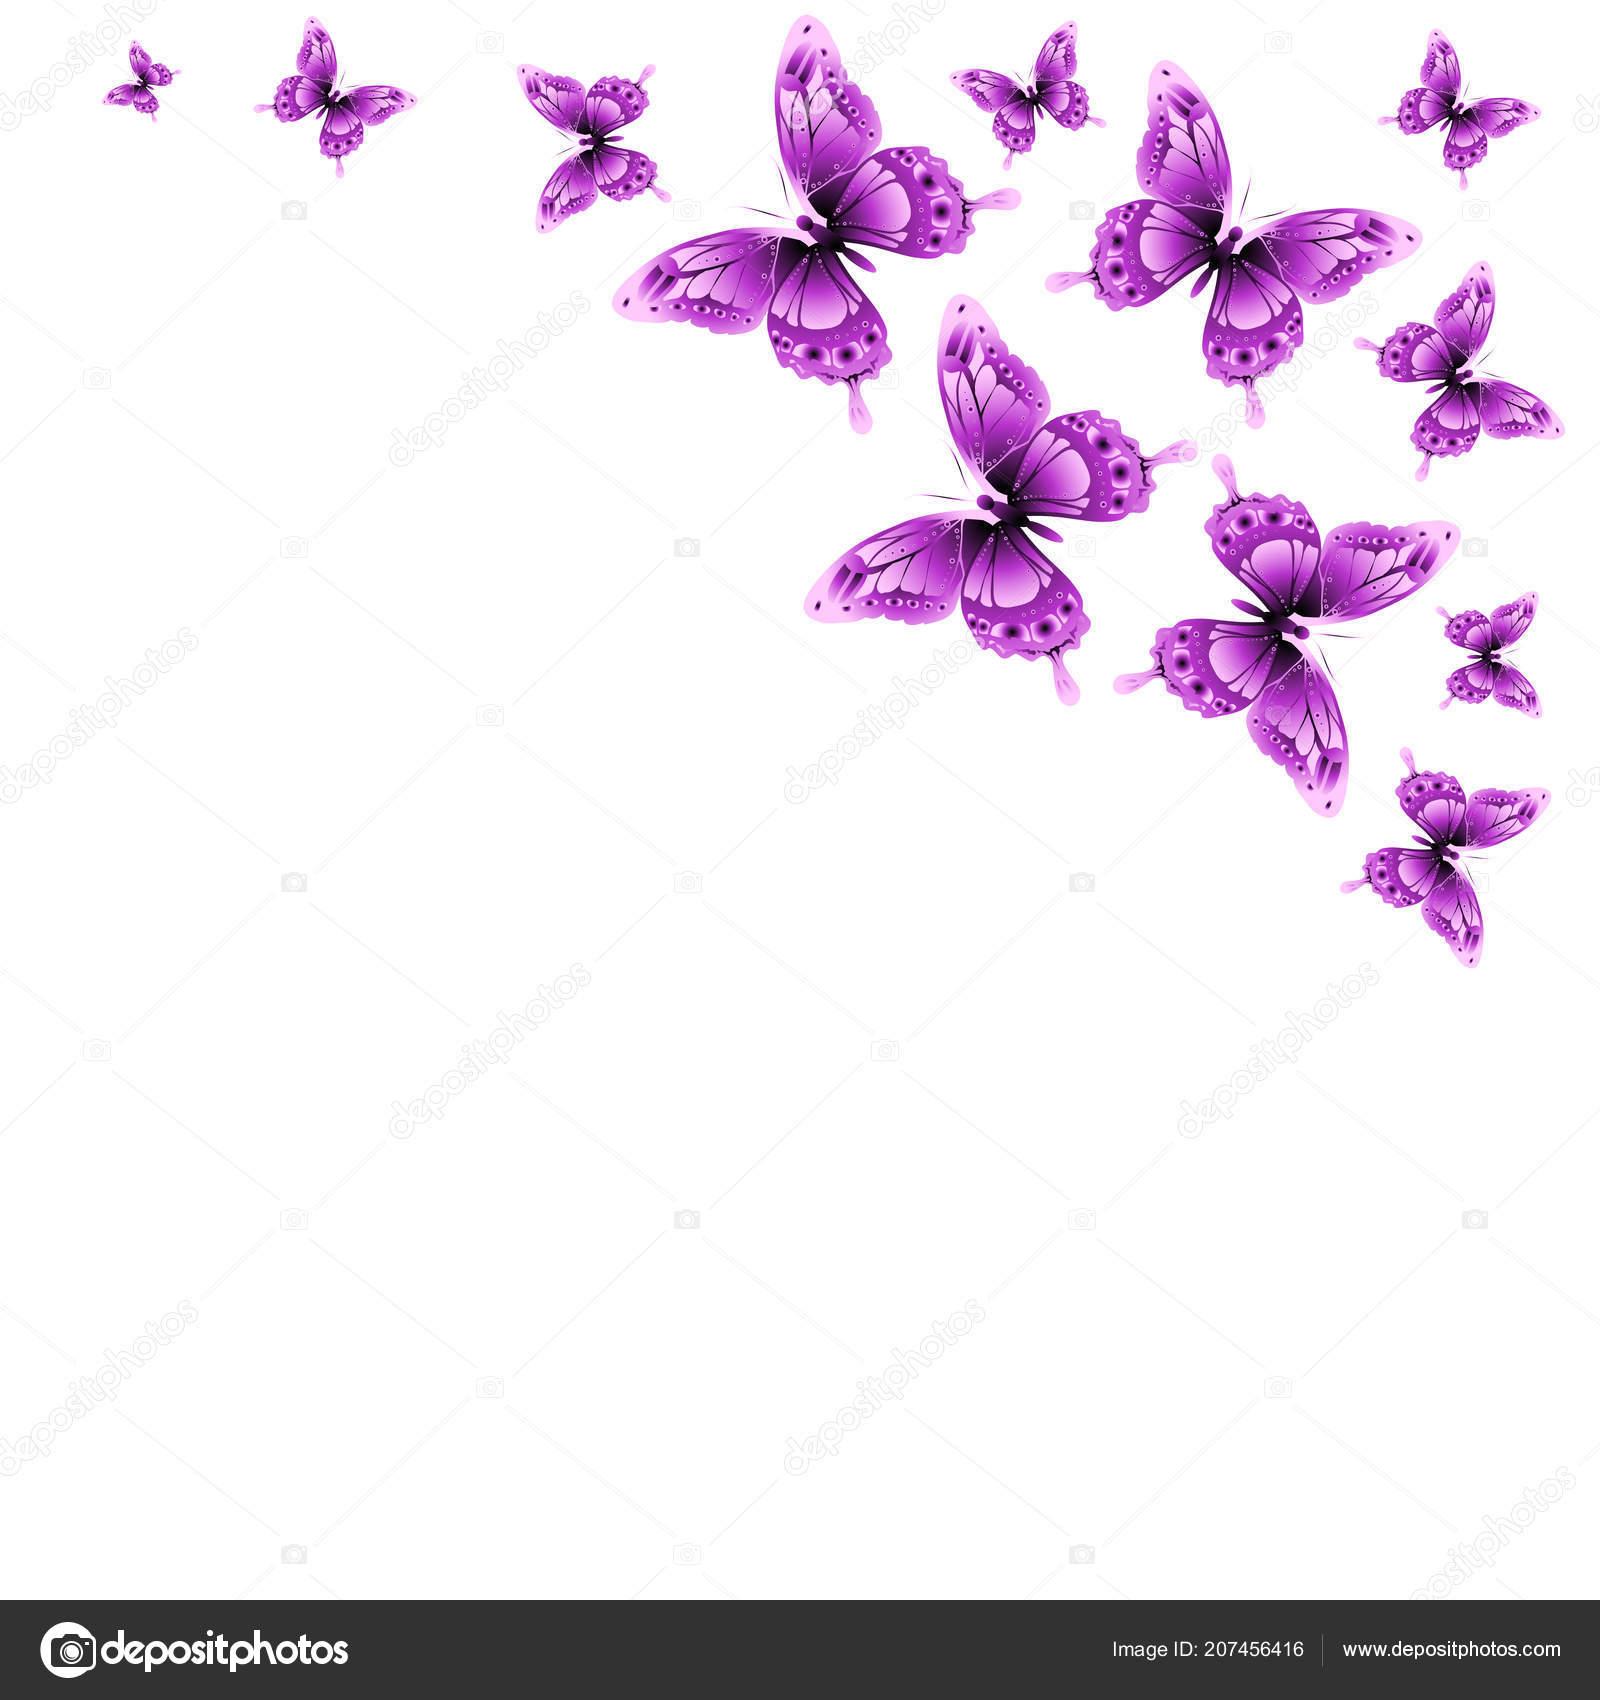 Disegno Delle Farfalle Rosa Isolato Sfondo Bianco Foto Stock